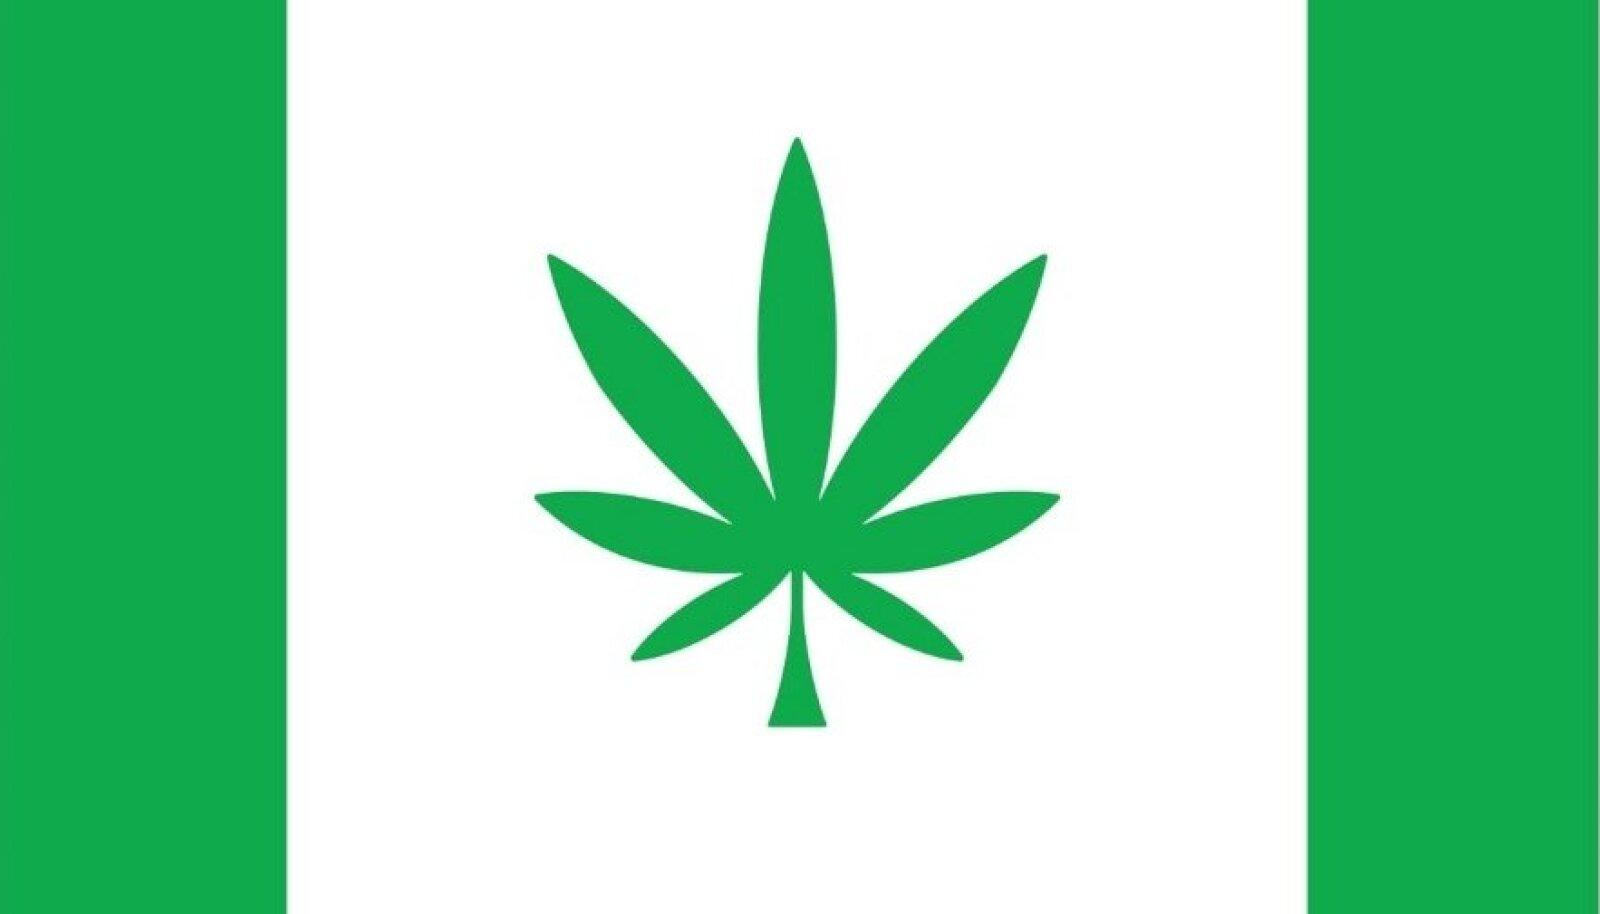 Lipukangas jaguneb kolmeks: ruudukujulisel valgel kesklaiul on rootsudeta roheline kanepileht. Lipukanga äärtes on võrdse laiusega rohelised püstlaiud. Lipu roheline on heledam, kui vapi roheline.